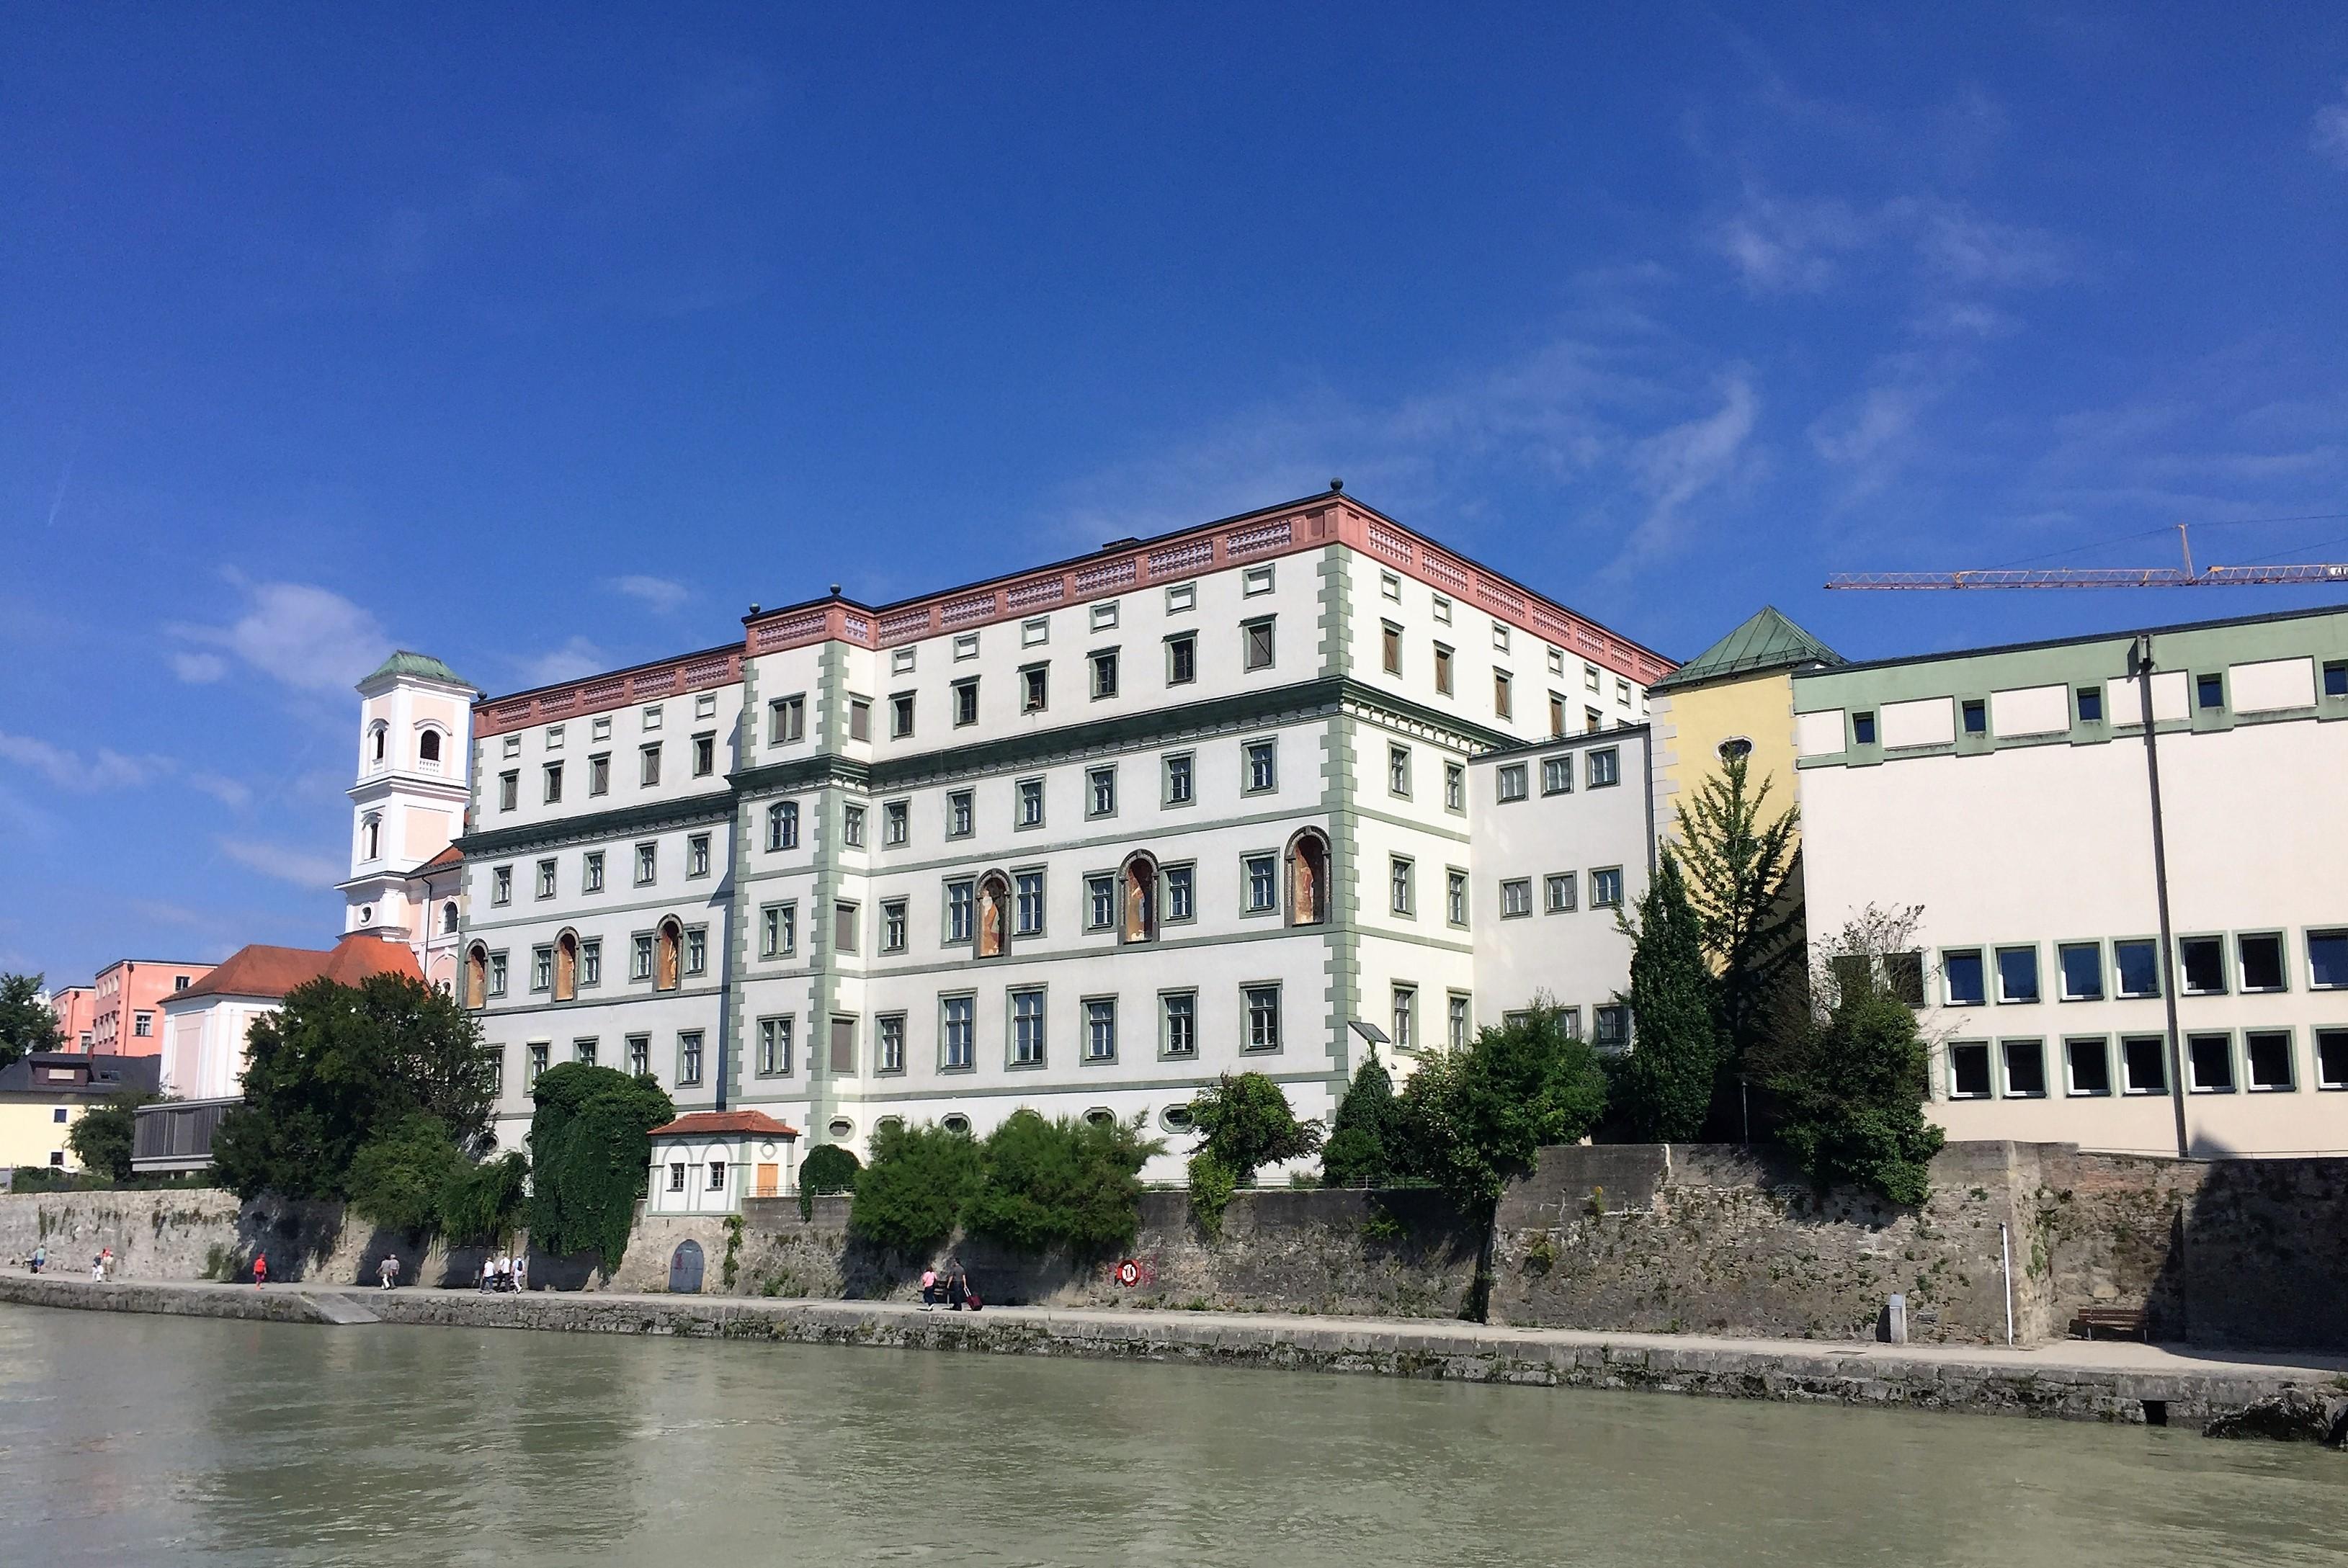 20160814 3 Passau (22)